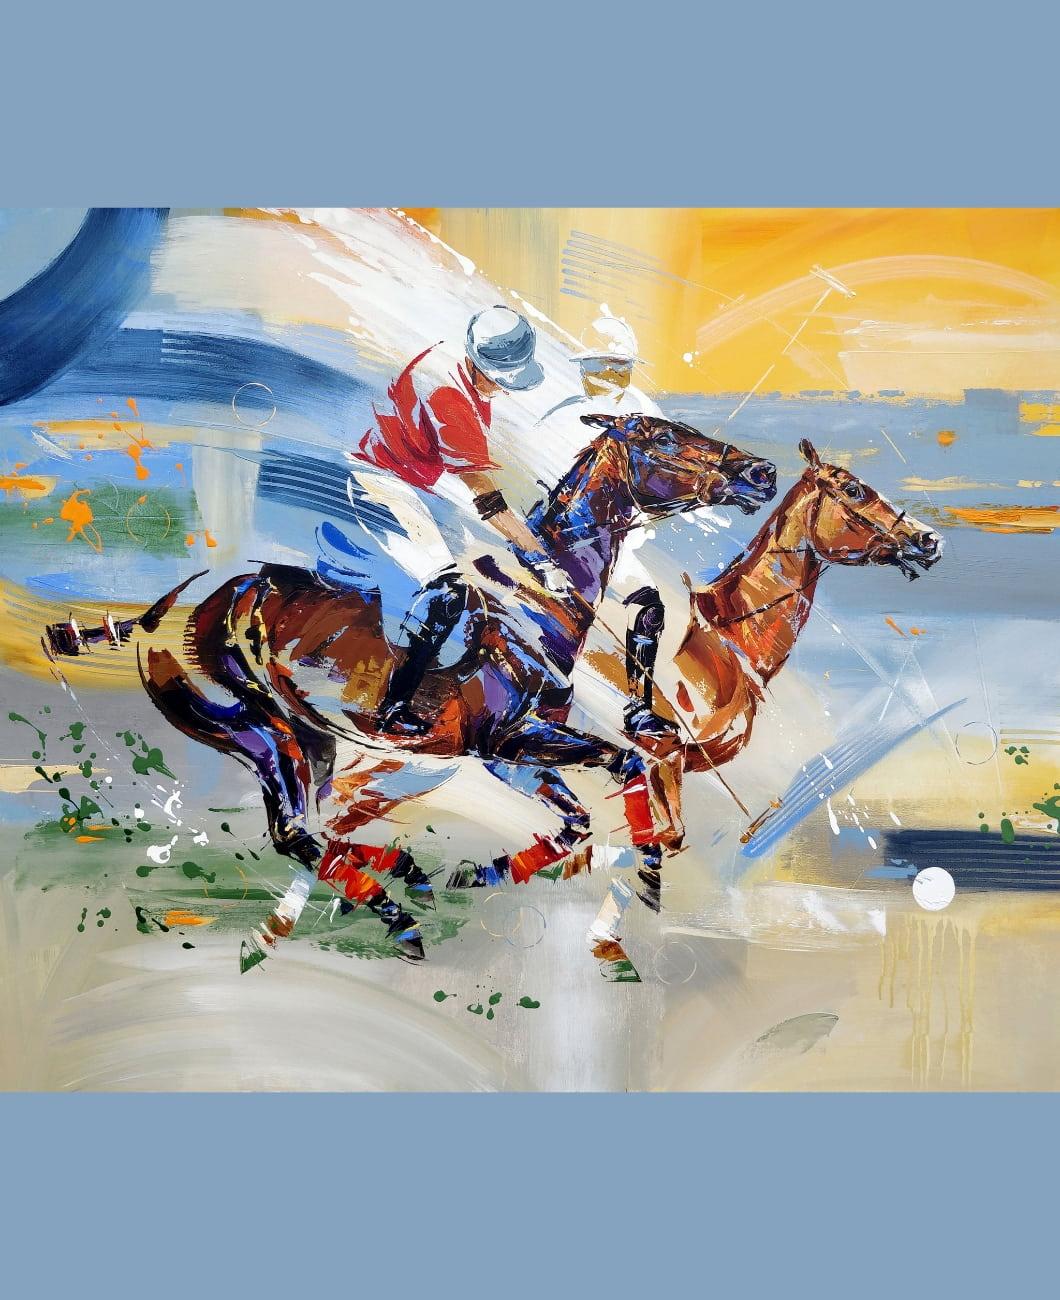 yutao-ge-kateina-morgan-horse-polo-art-gallery-painters-la-polo